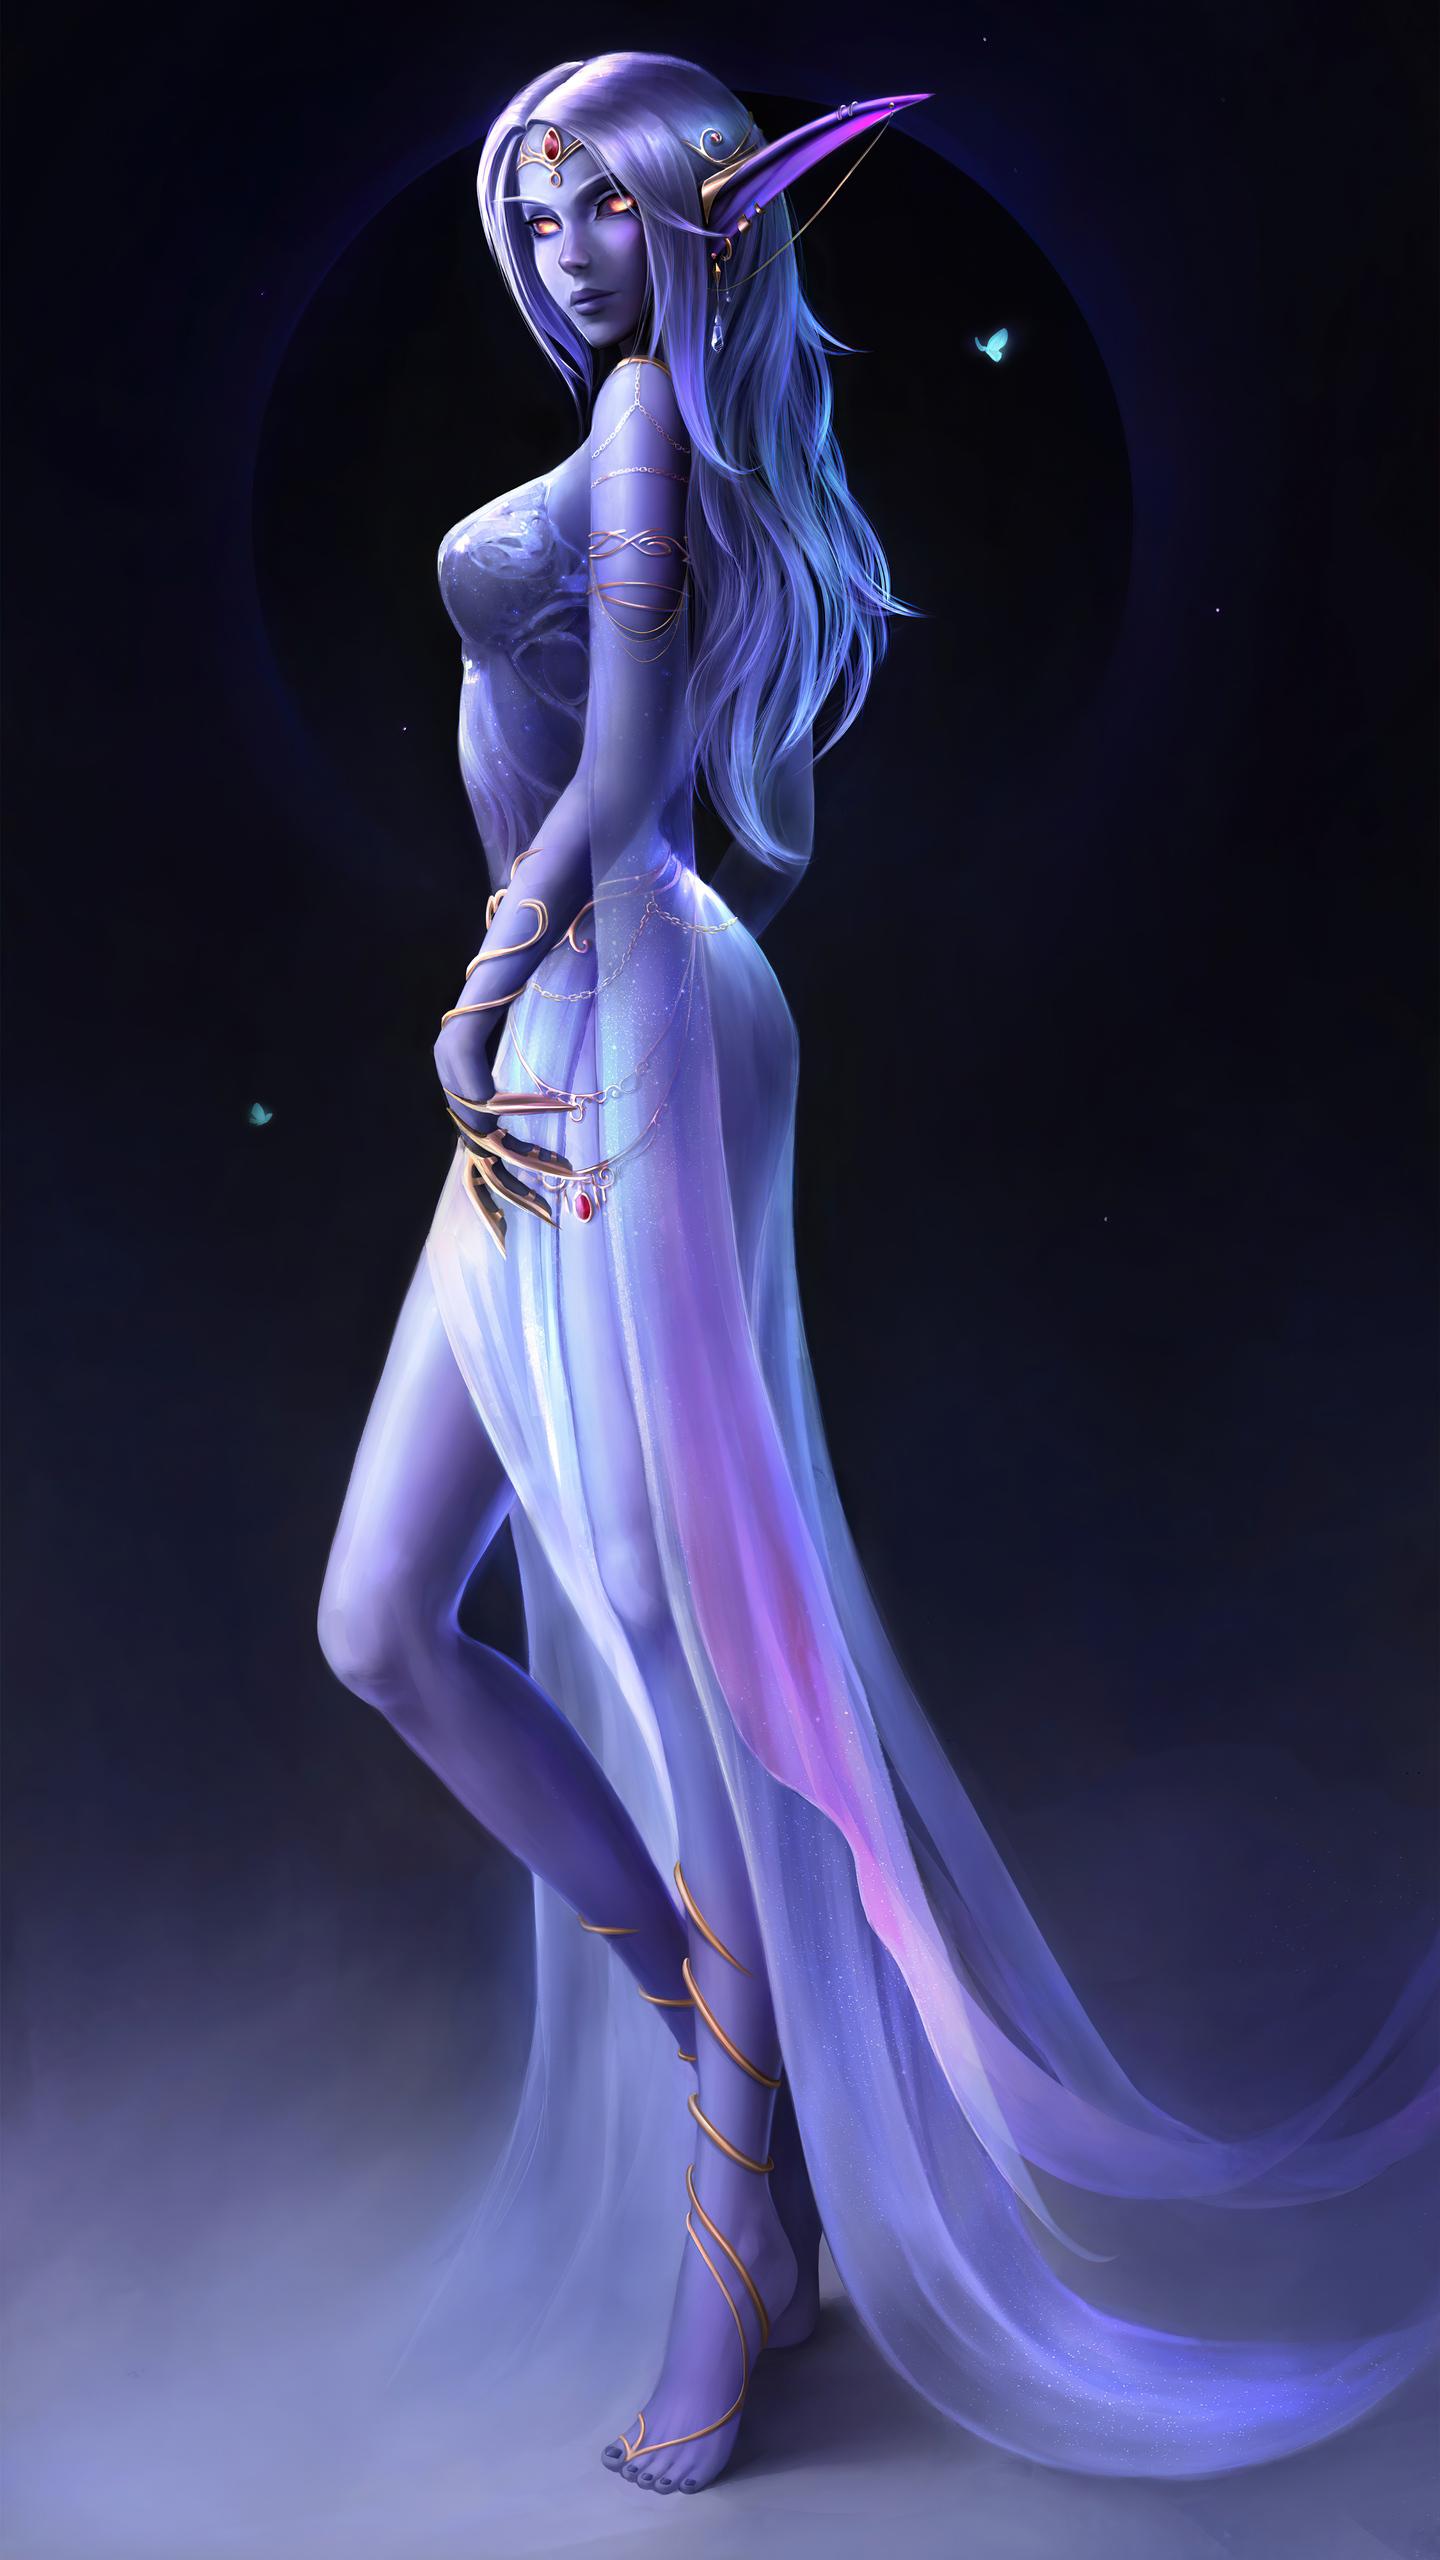 elf-azralith-fantasy-4k-ol.jpg